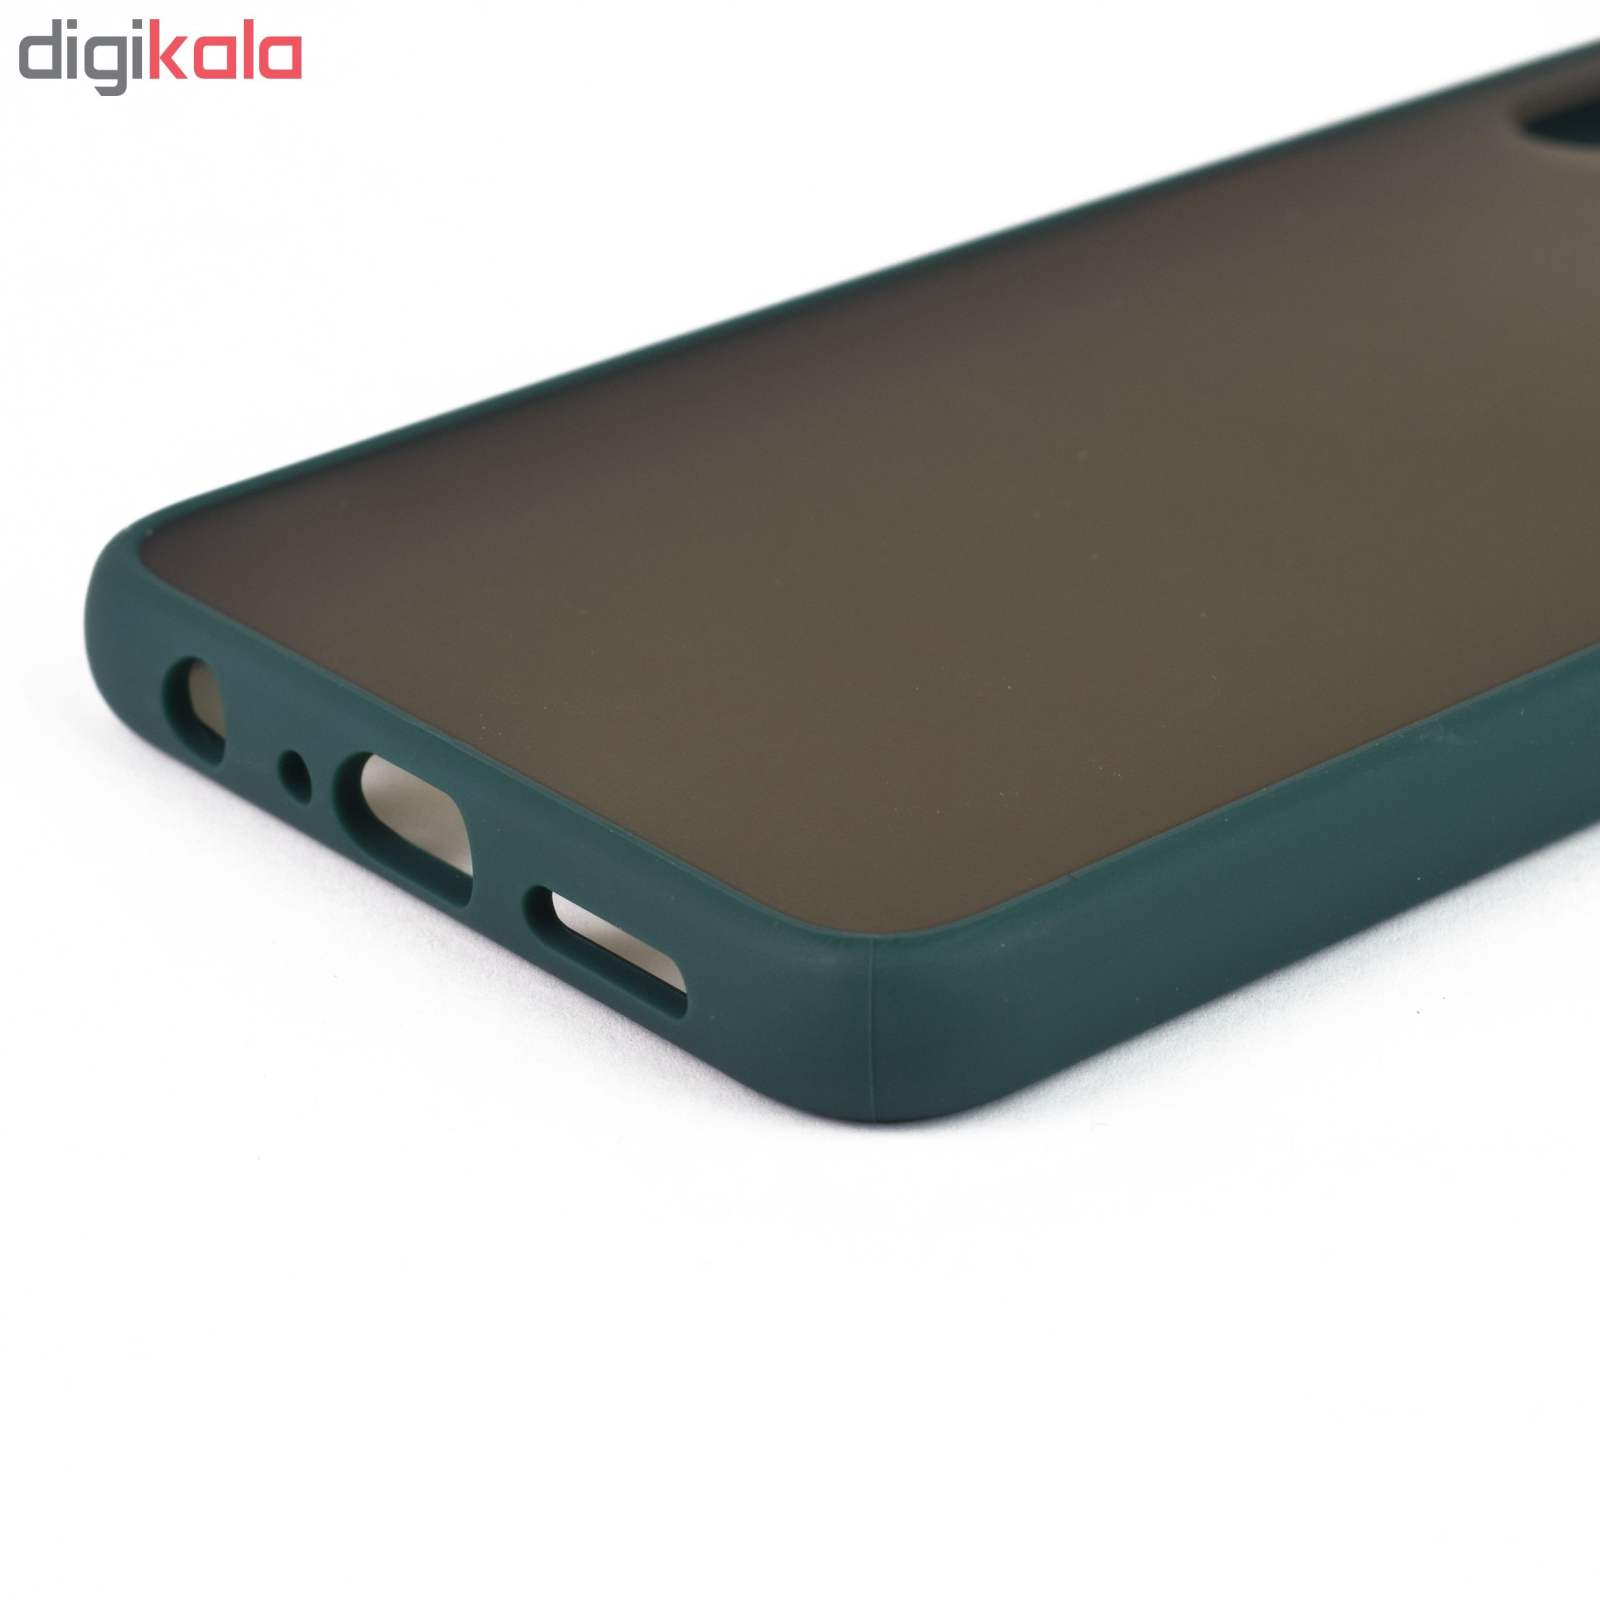 کاور مدل Slico01 مناسب برای گوشی موبایل سامسونگ Galaxy A10S main 1 8